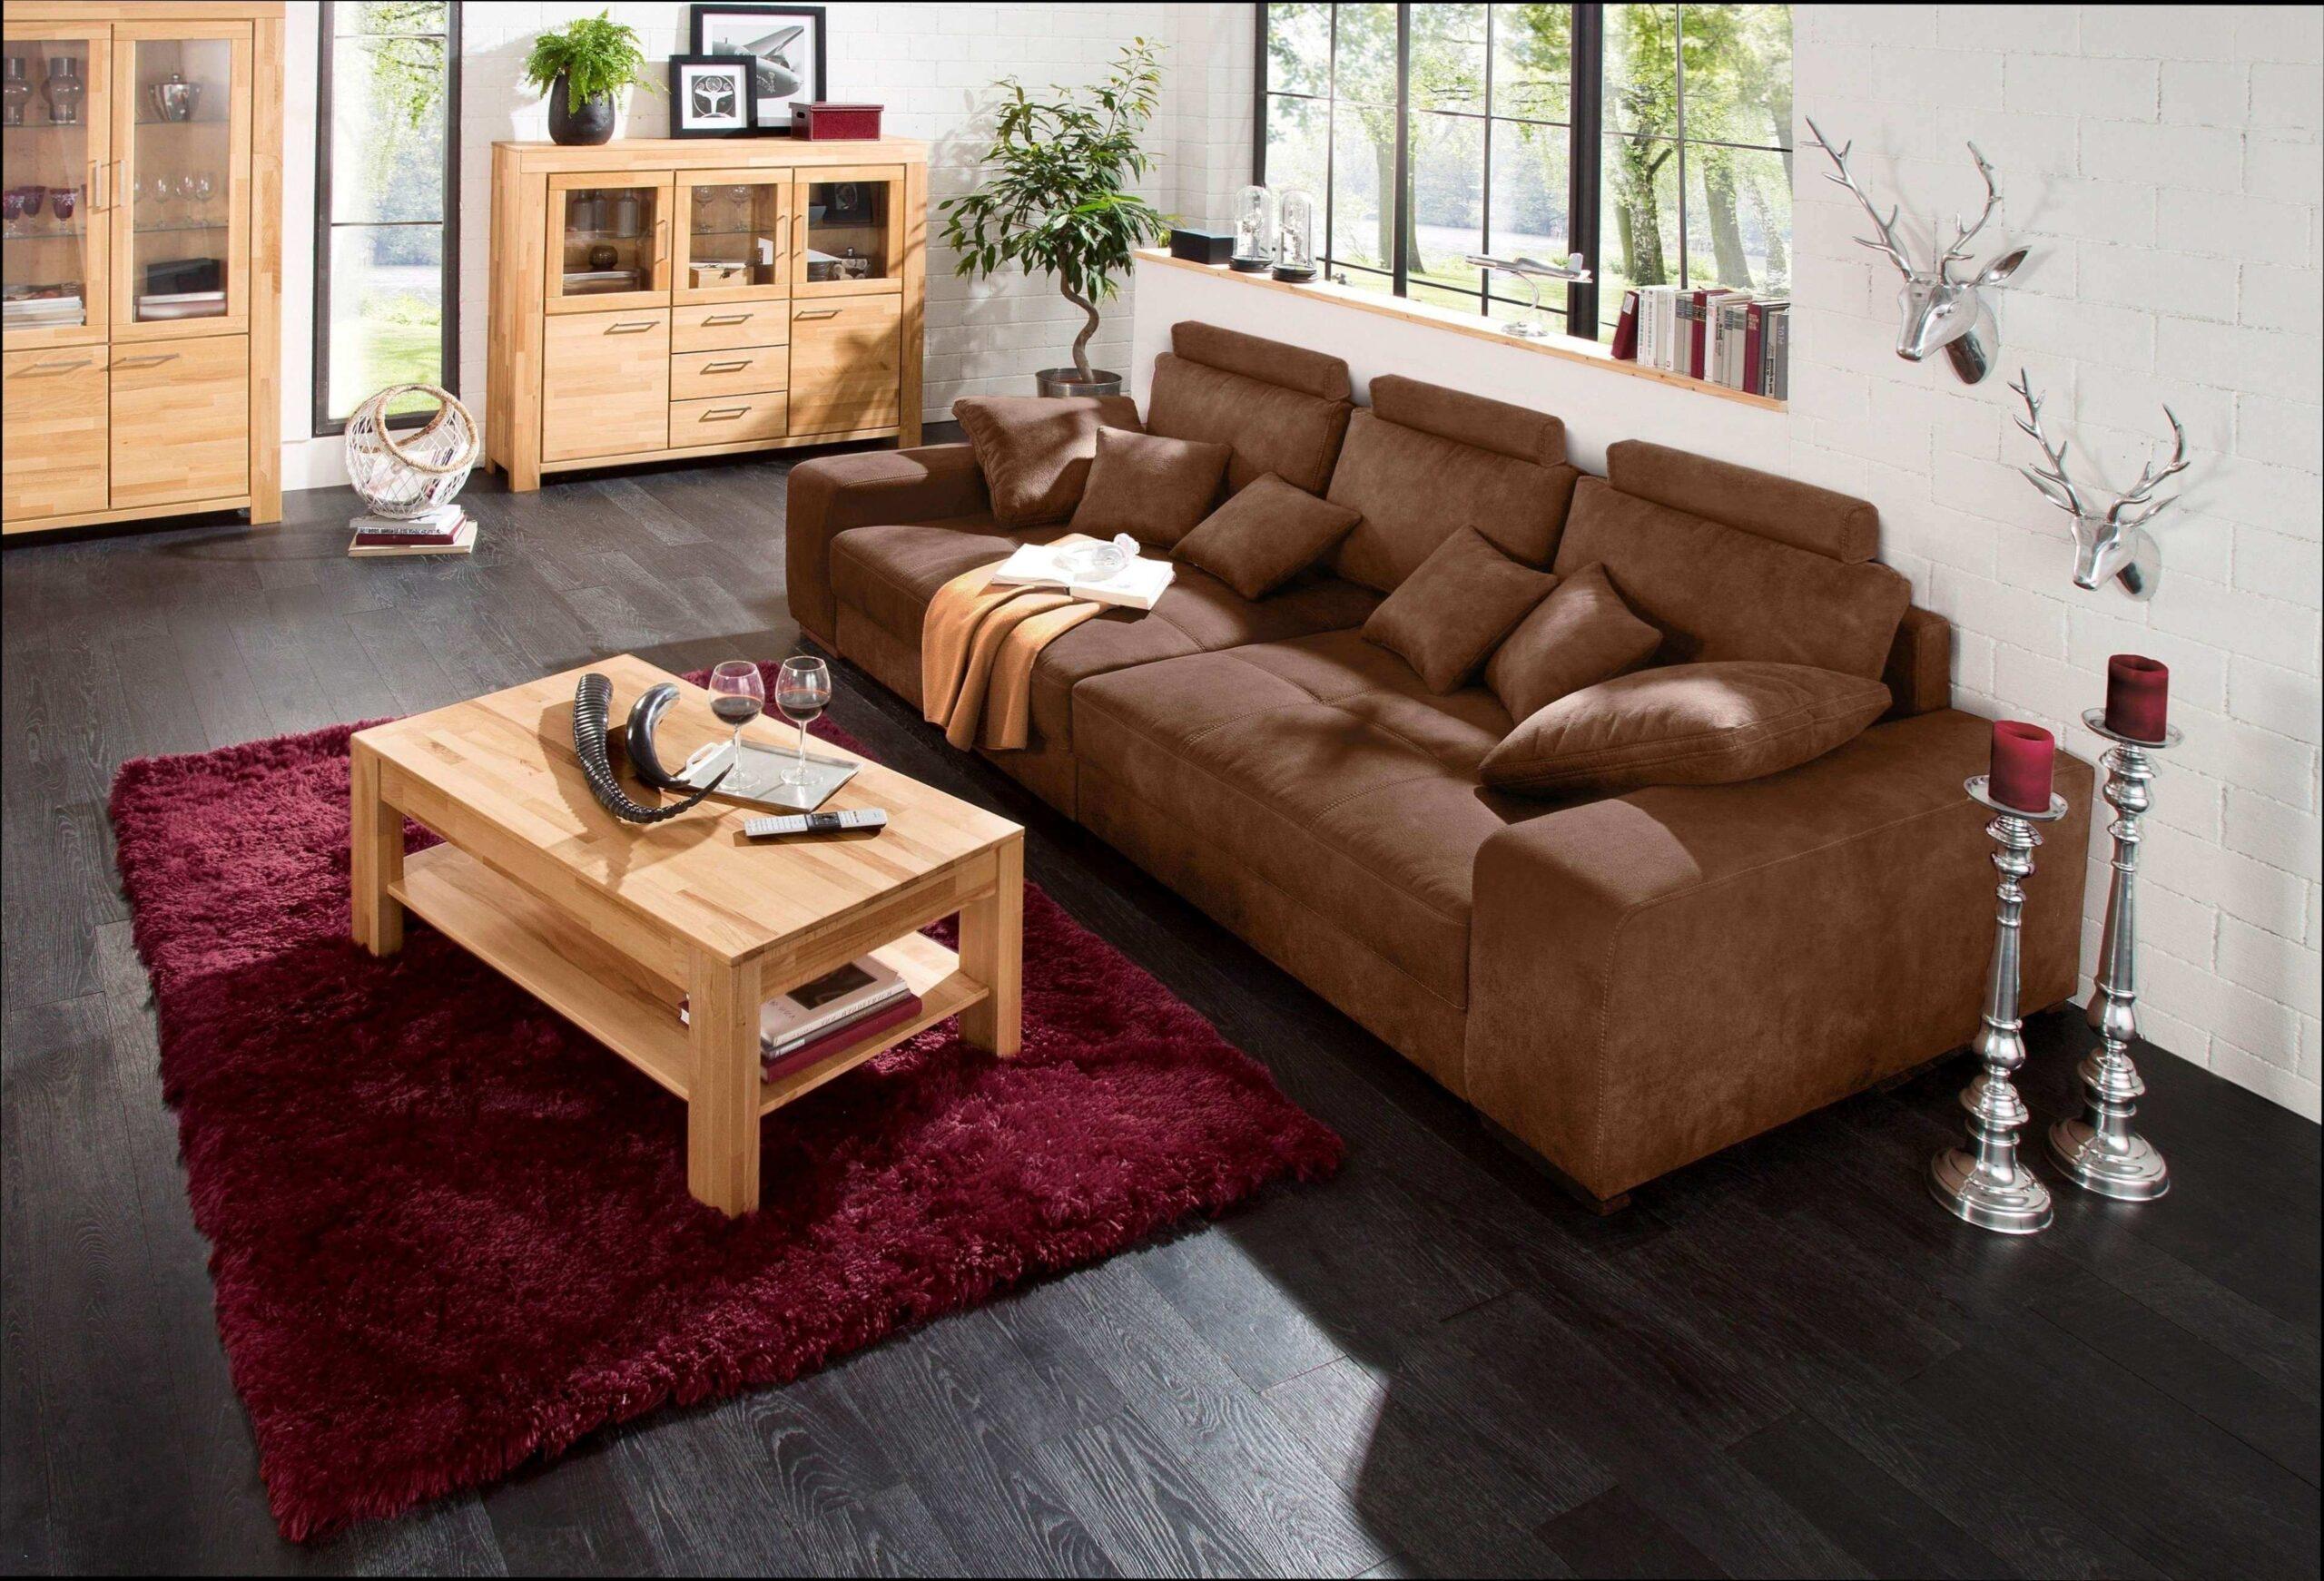 Full Size of Sofas Im Angebot Genial Poco Domaene Kinderbett Schn Bett Schlafzimmer Komplett Big Sofa 140x200 Küche Betten Wohnzimmer Kinderbett Poco